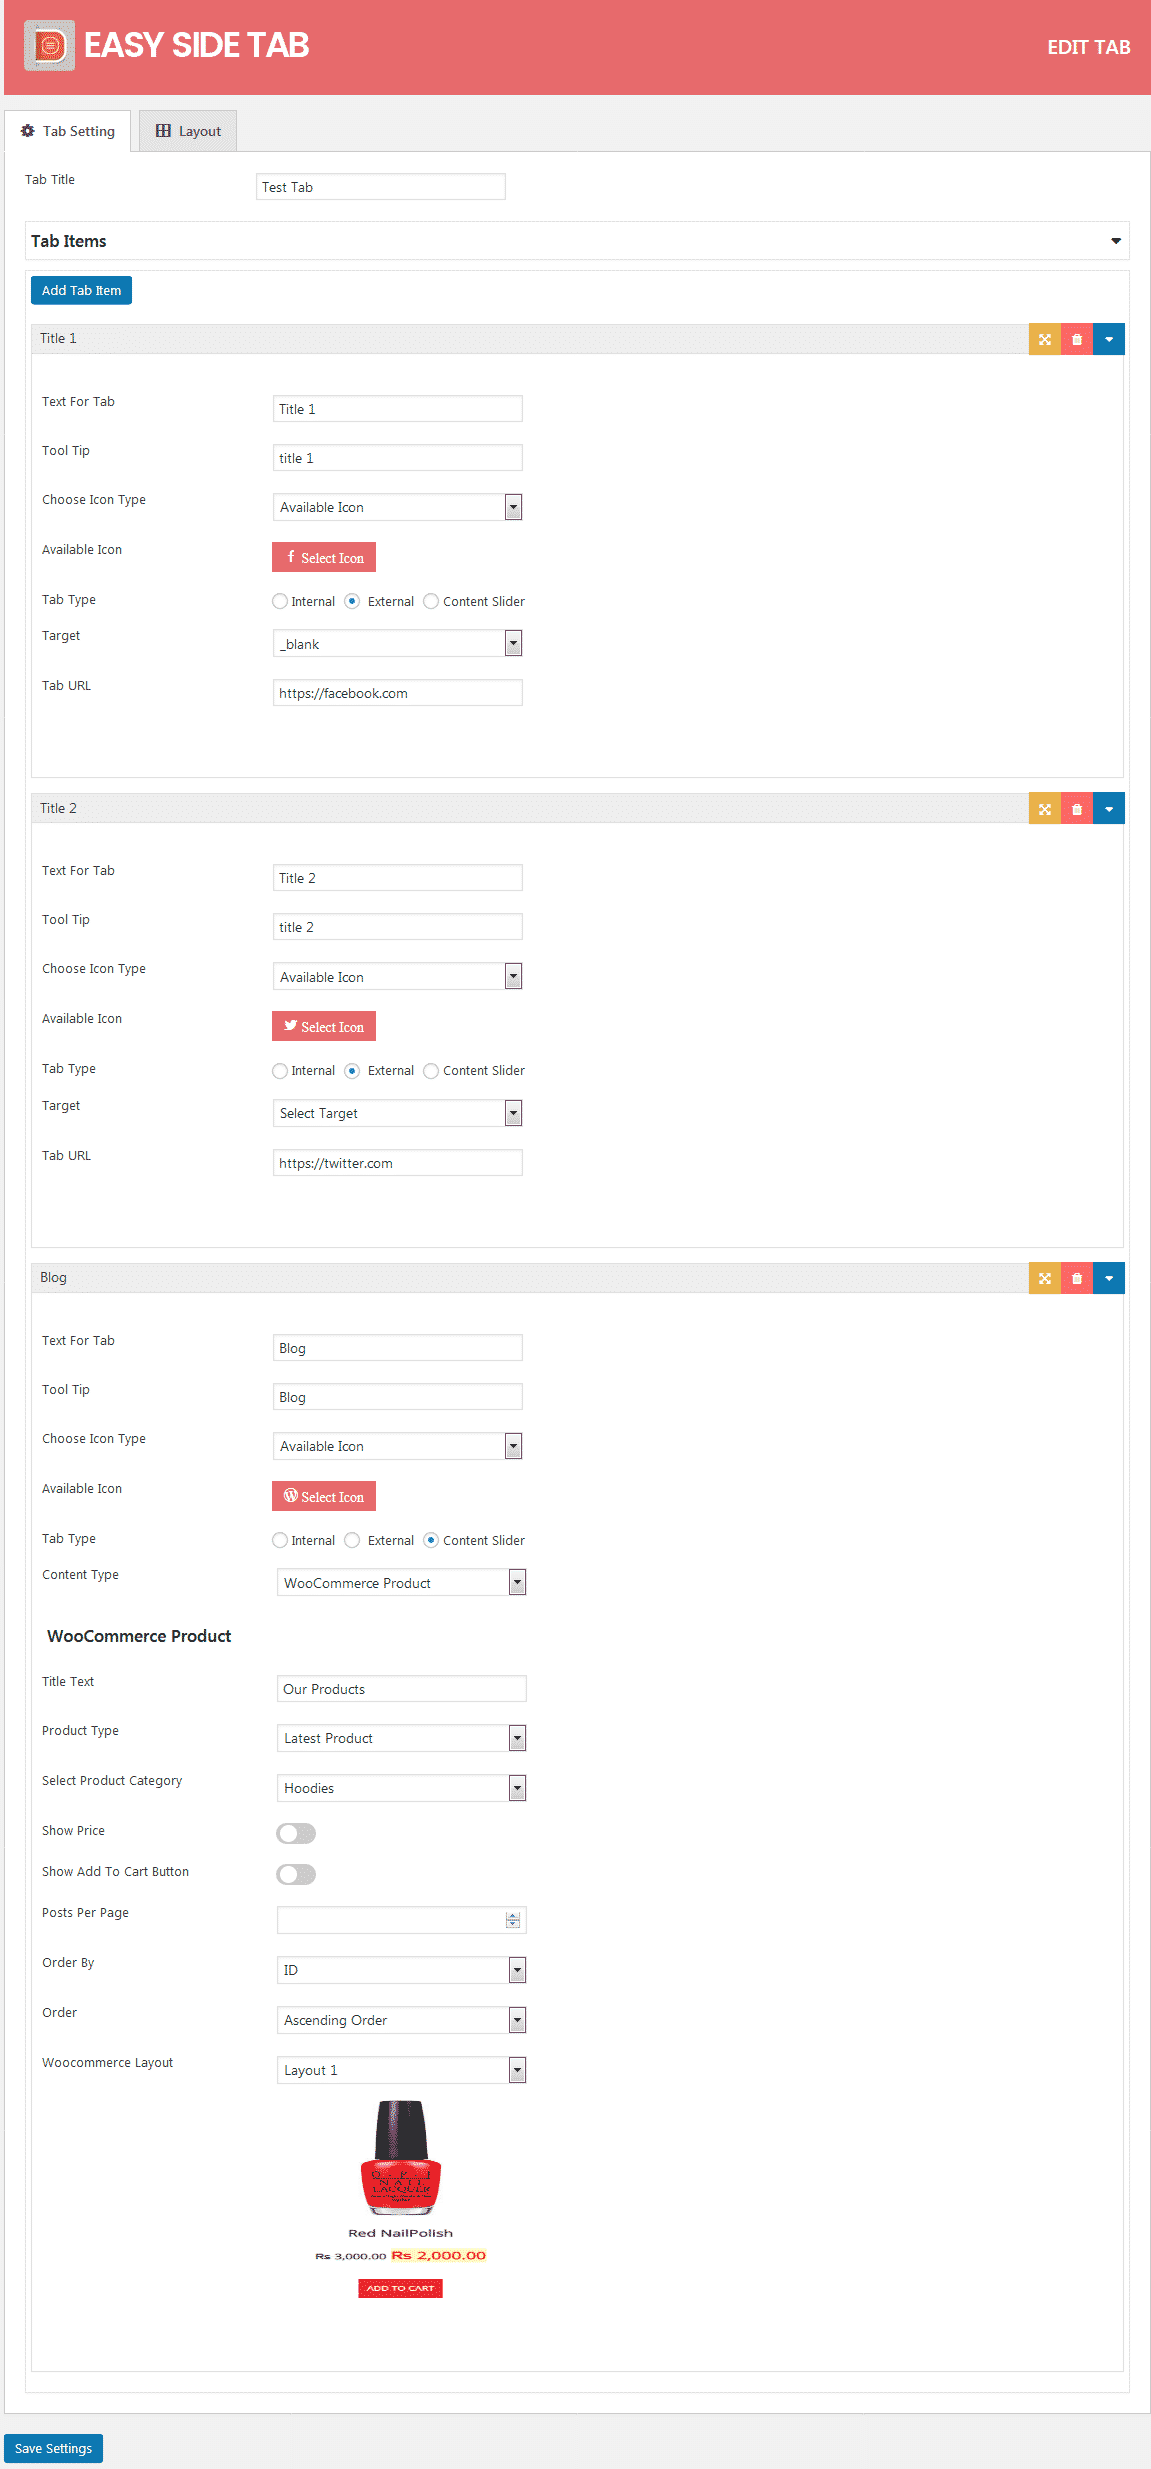 Easy Side Tab Pro: Tab Settings